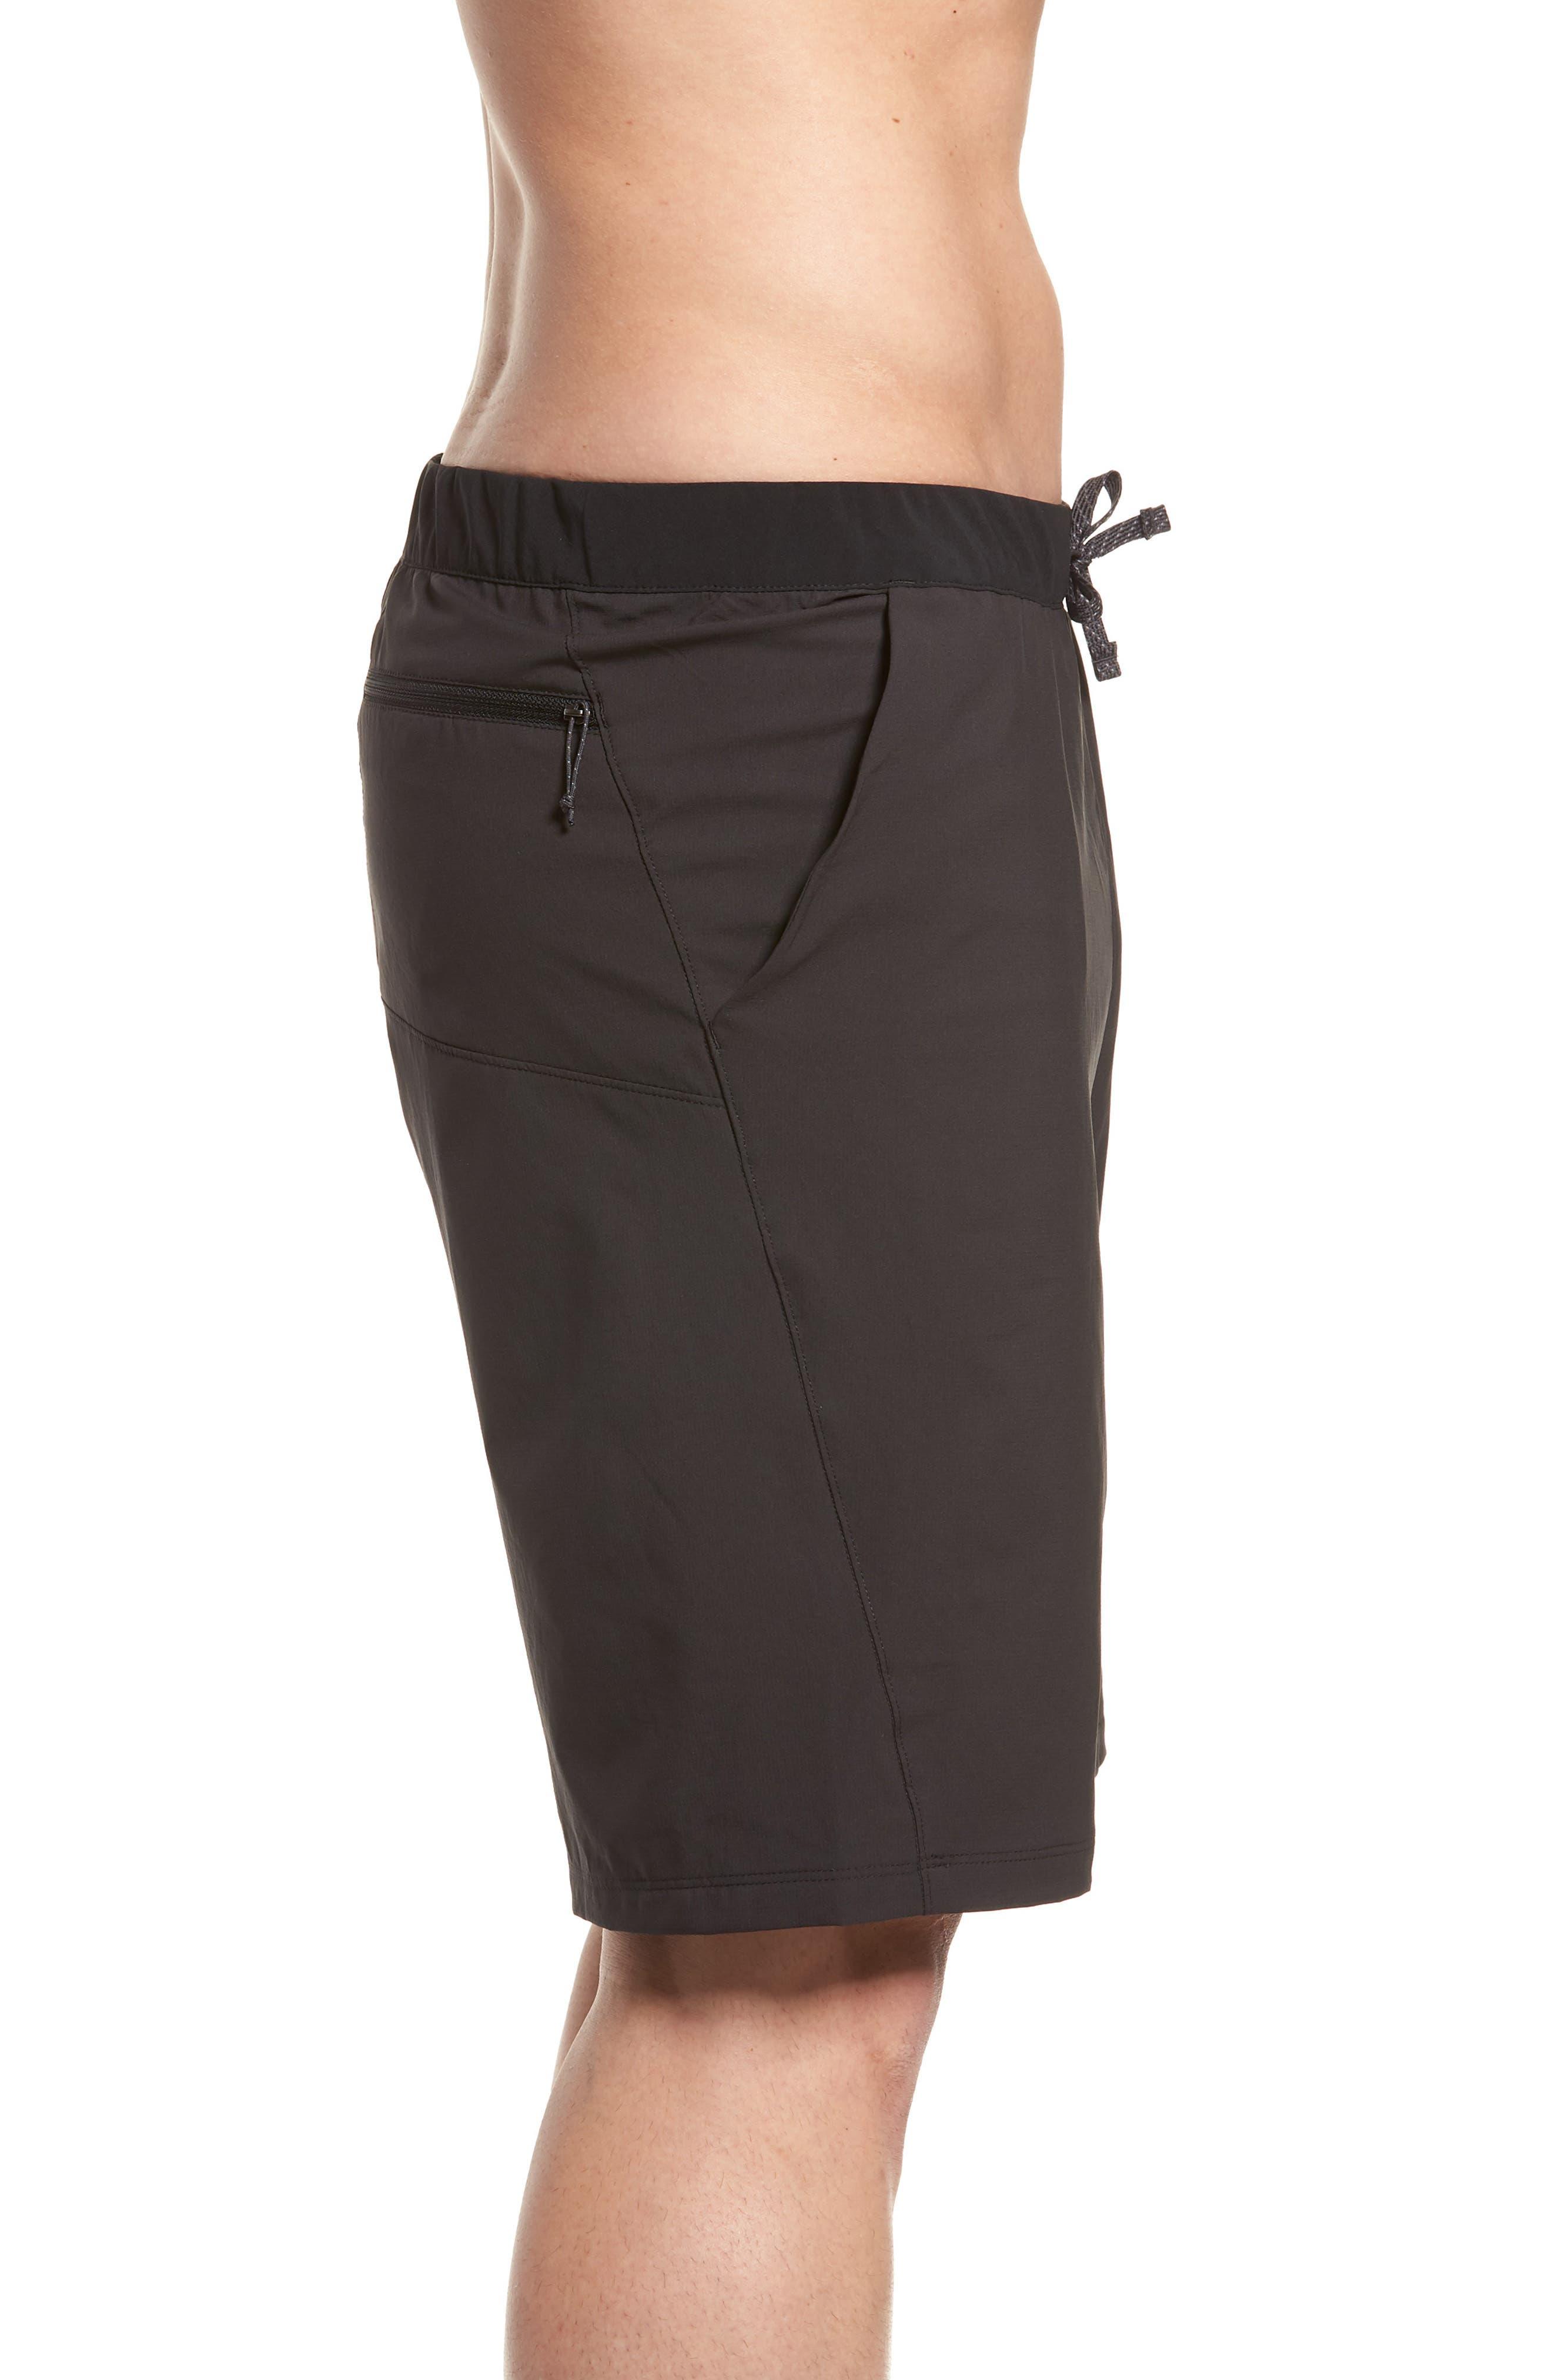 Terrebonne Shorts,                             Alternate thumbnail 3, color,                             001